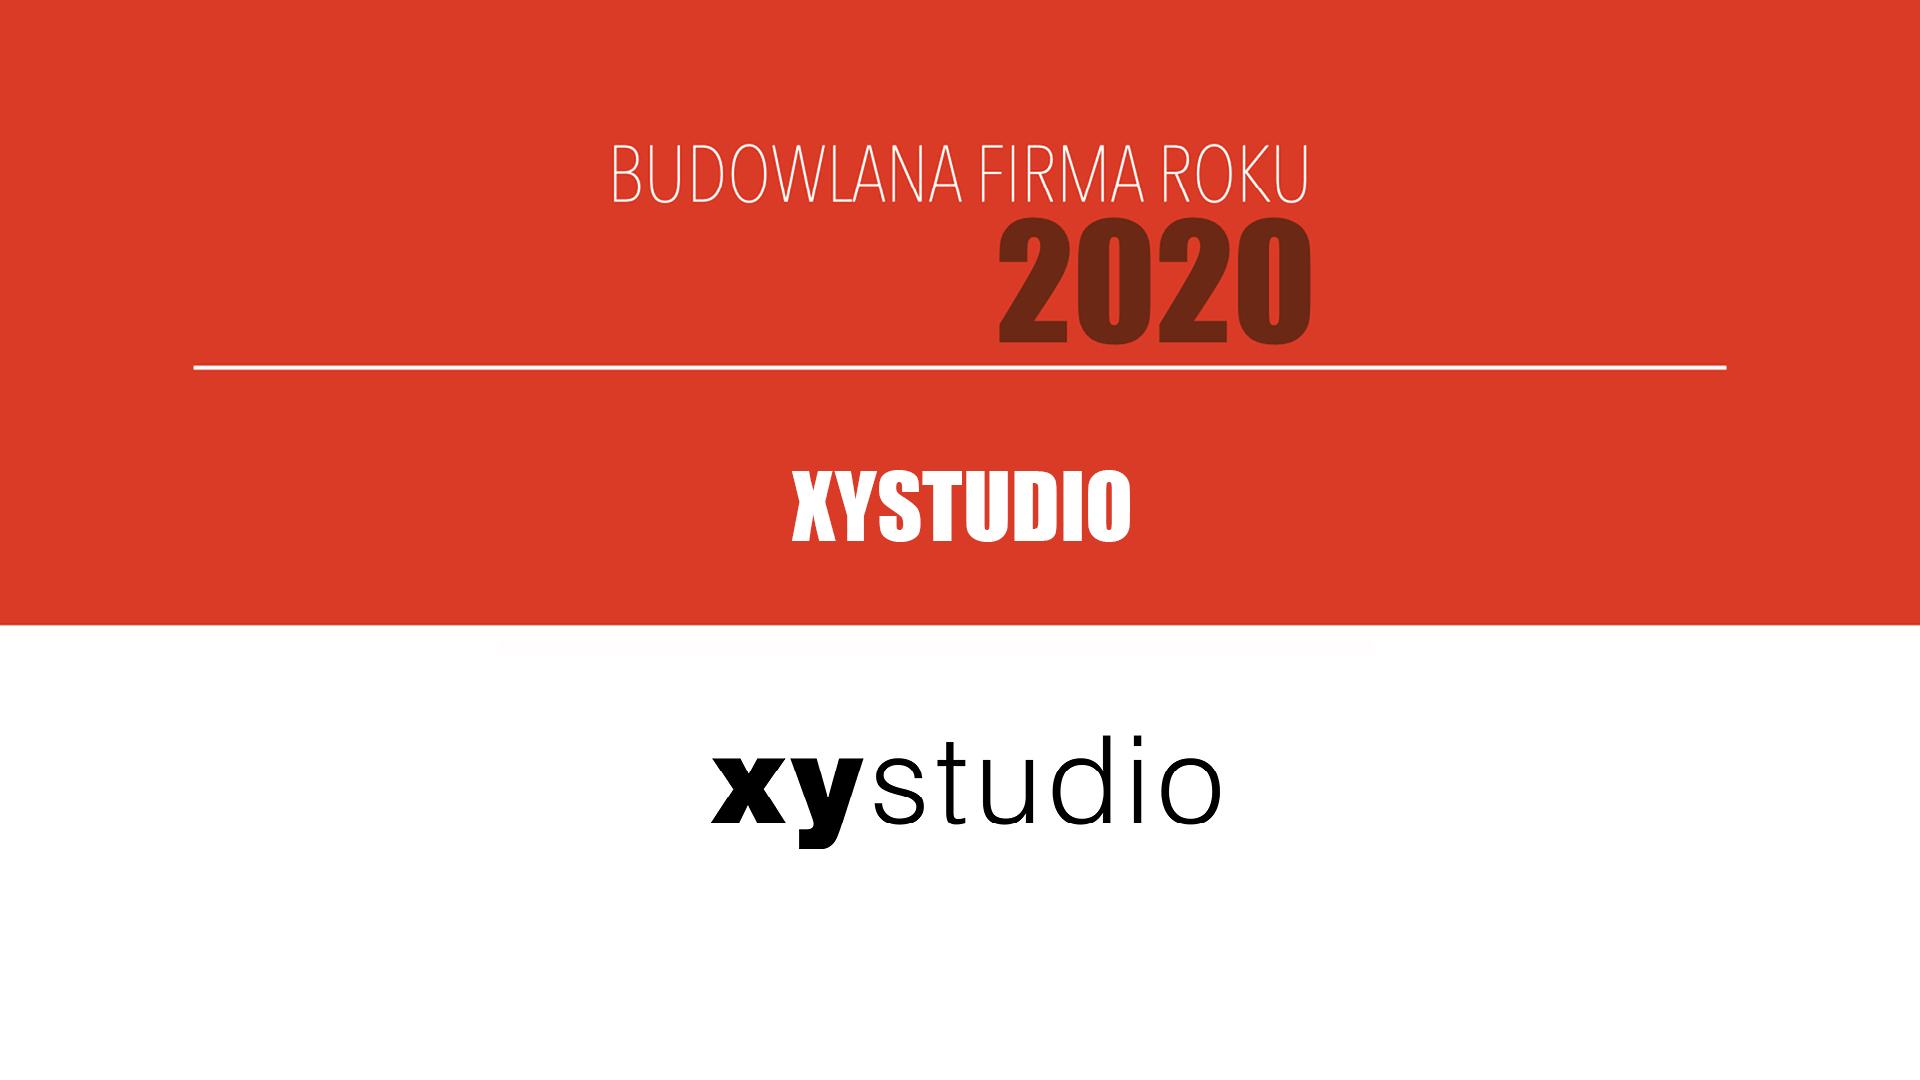 XYSTUDIO – Budowlana Firma Roku 2020